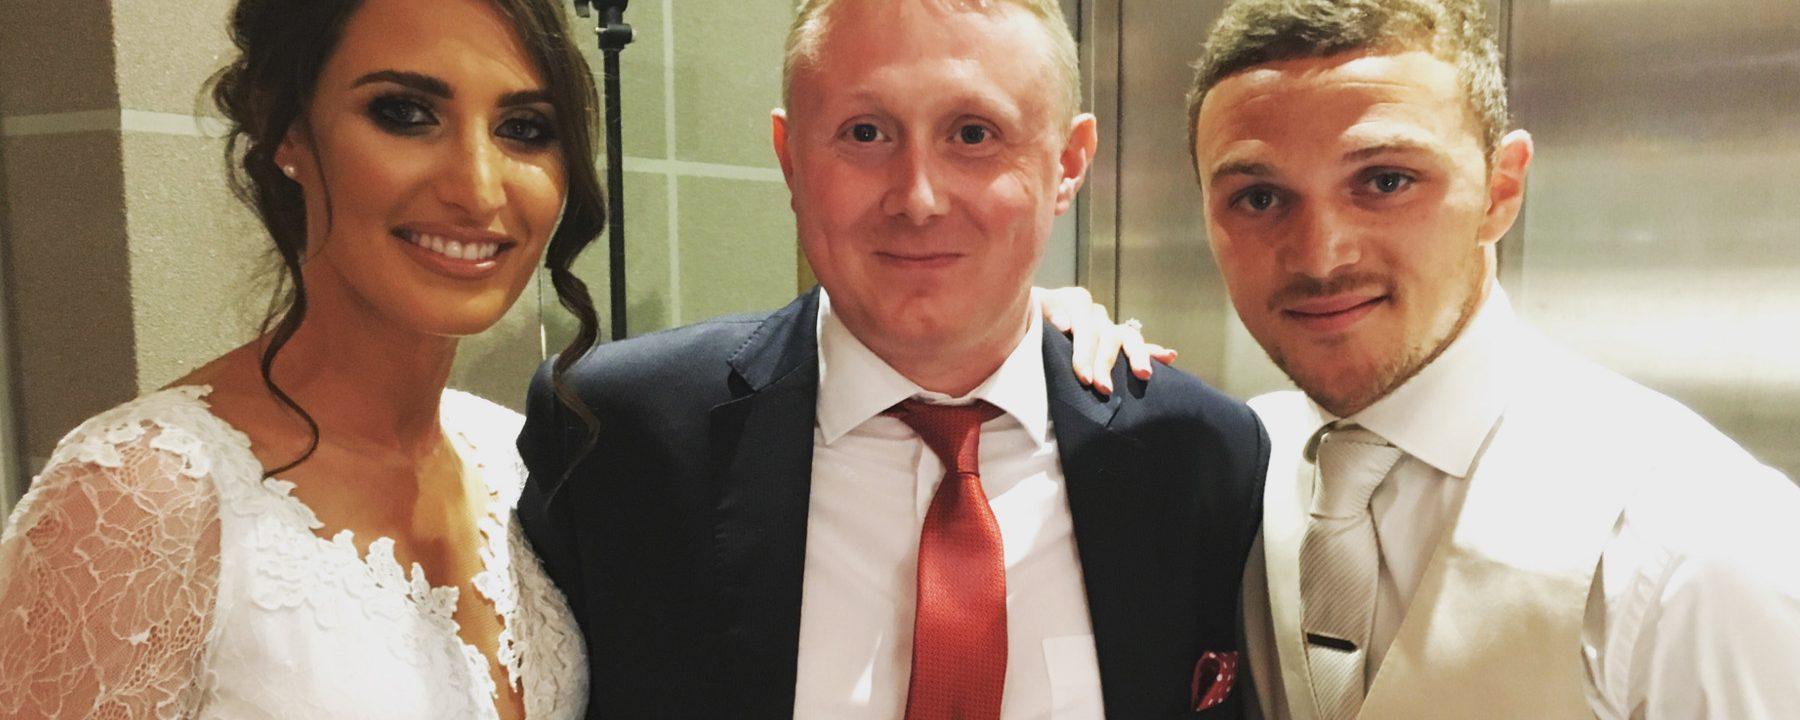 Wedding Magician for Footballer Kieran Trippier